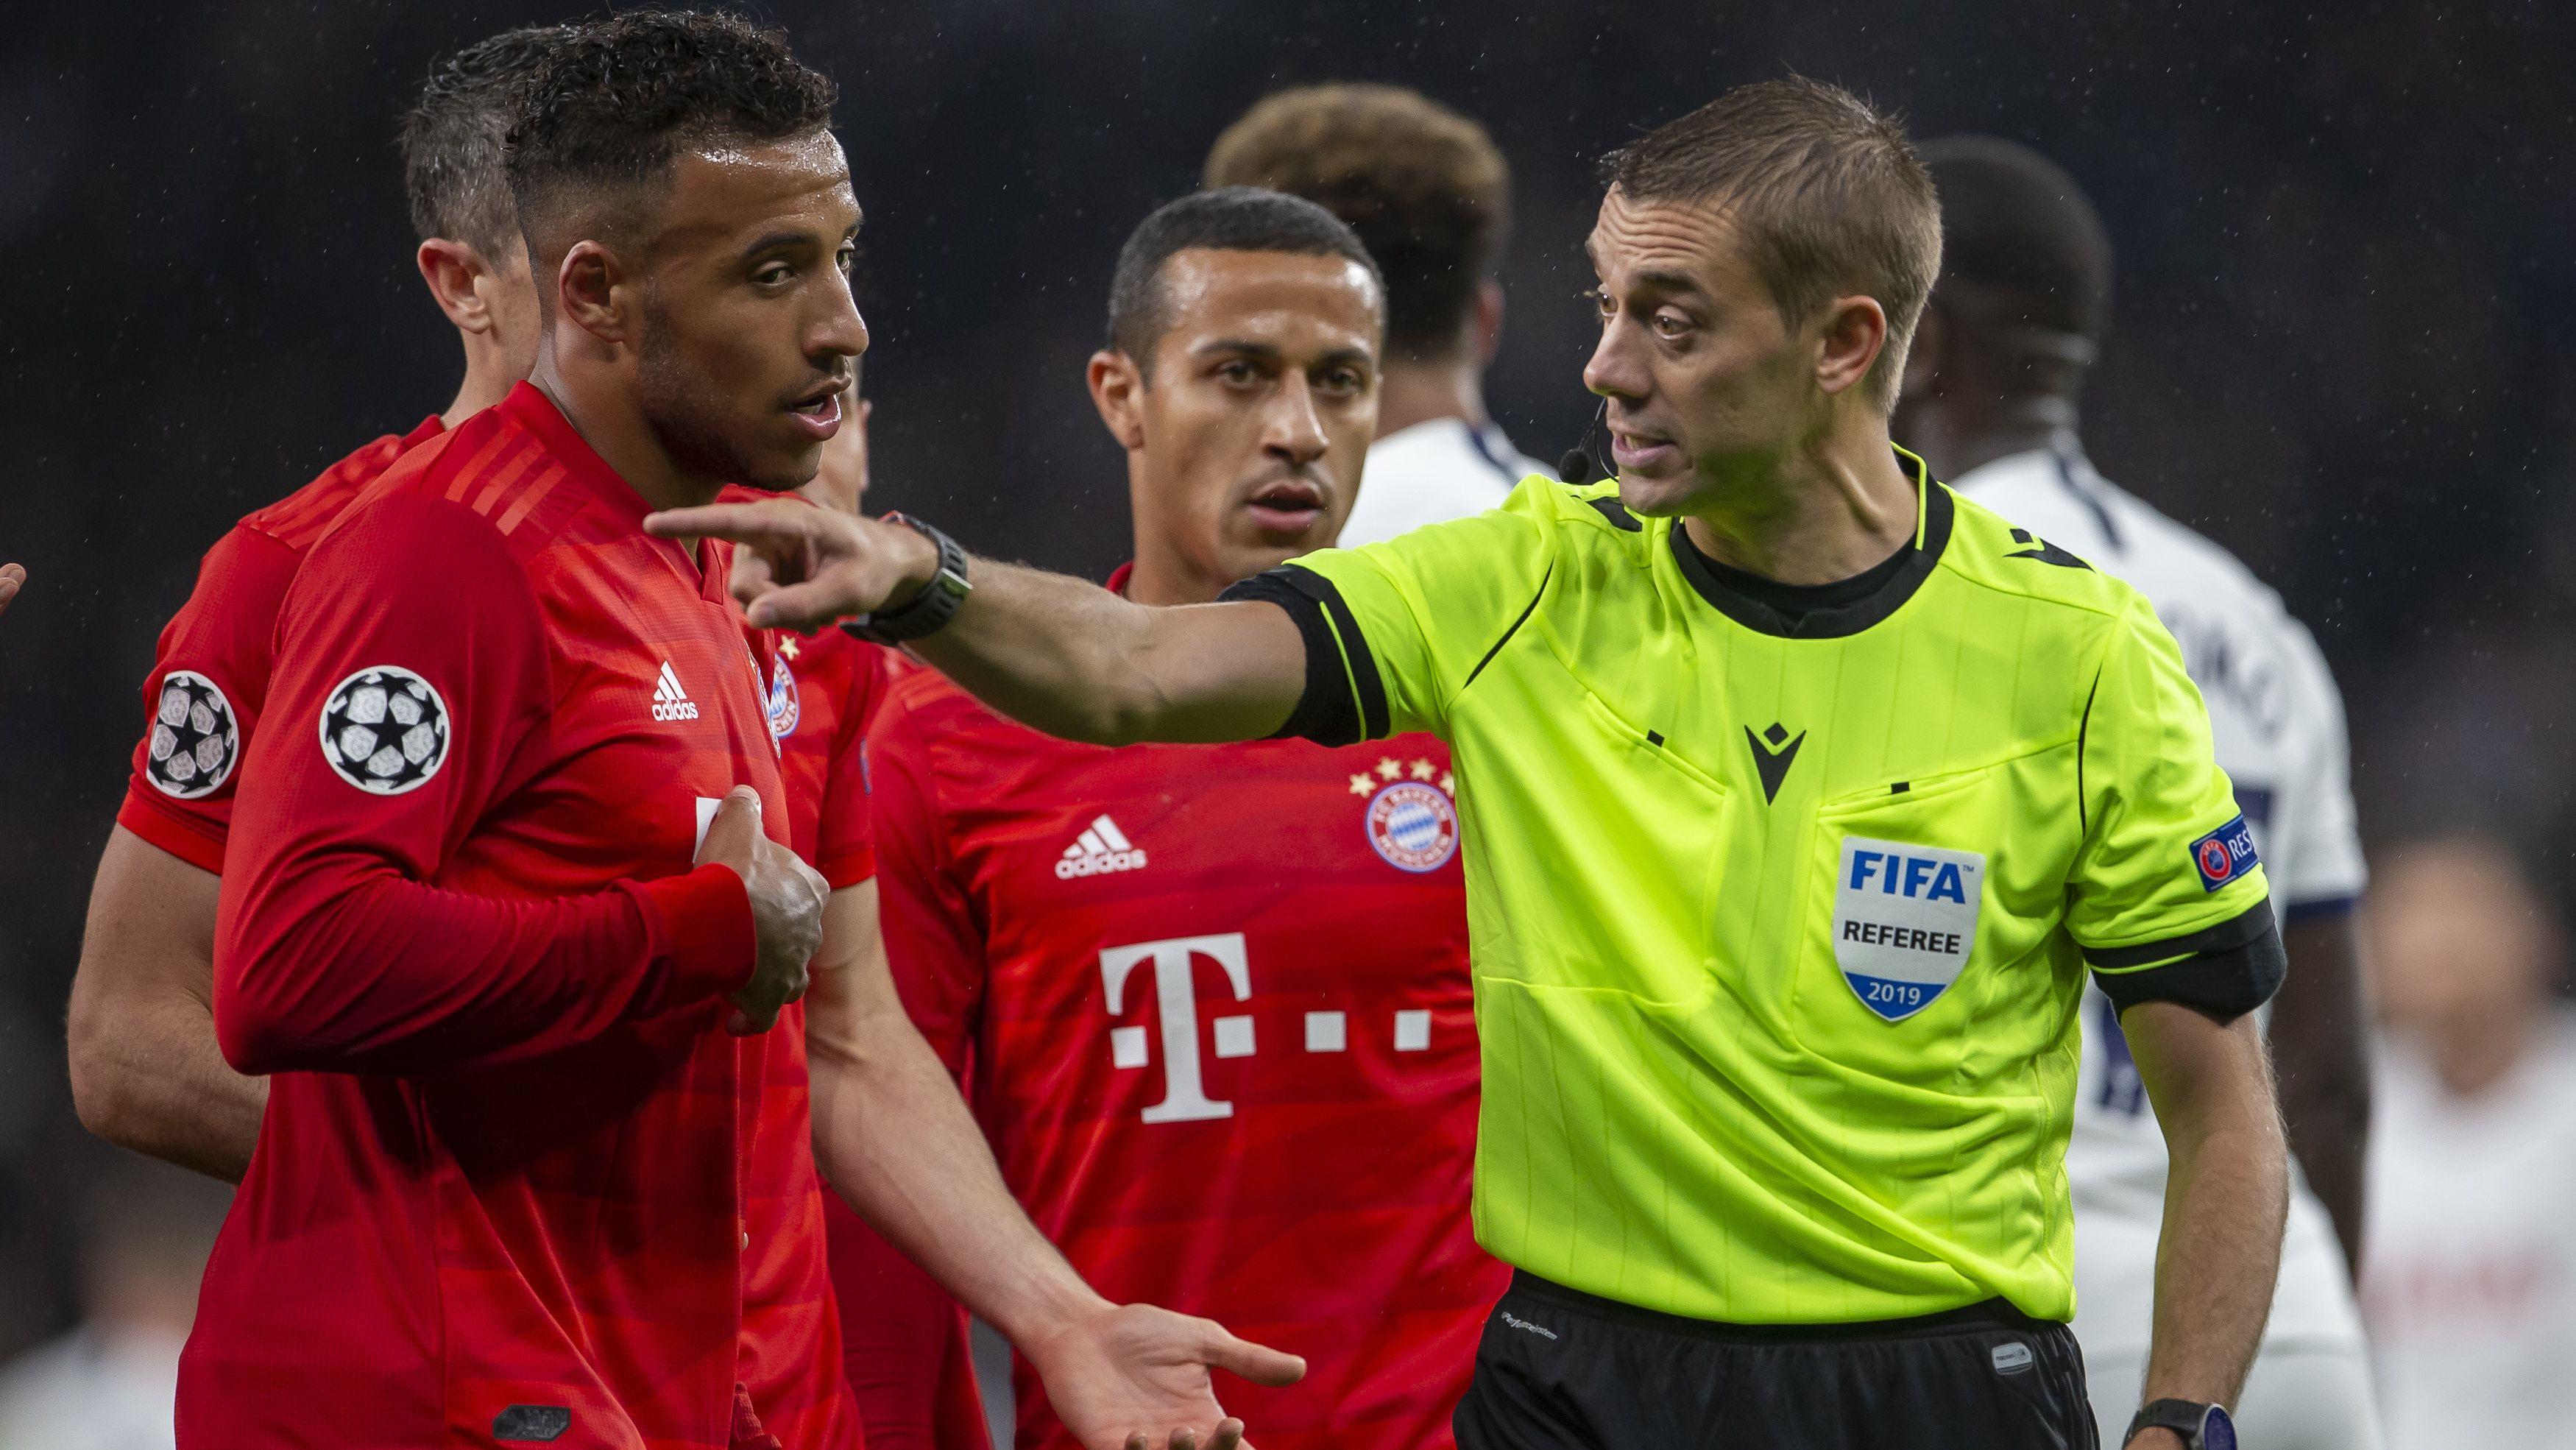 Der Franzose Clement Turpin pfeift das Spiel des FC Bayern beim FC Chelsea.